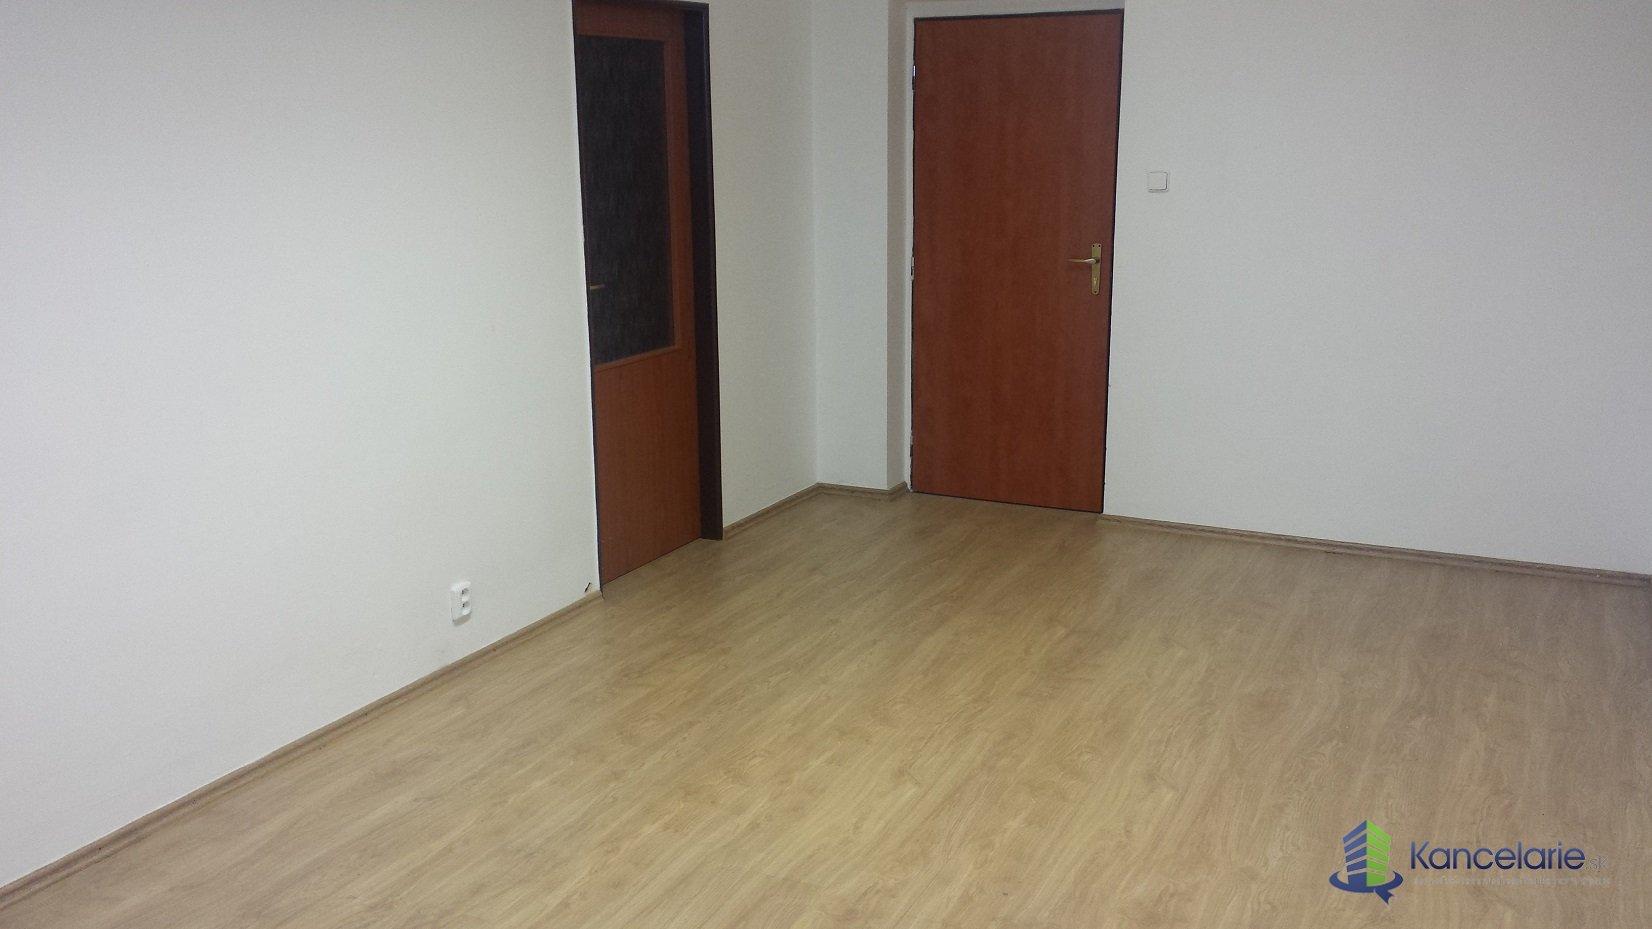 Agrimex spol. s r.o. (AMEX Park), Kancelária APB I č. 1.09, Púchovská 12, Bratislava